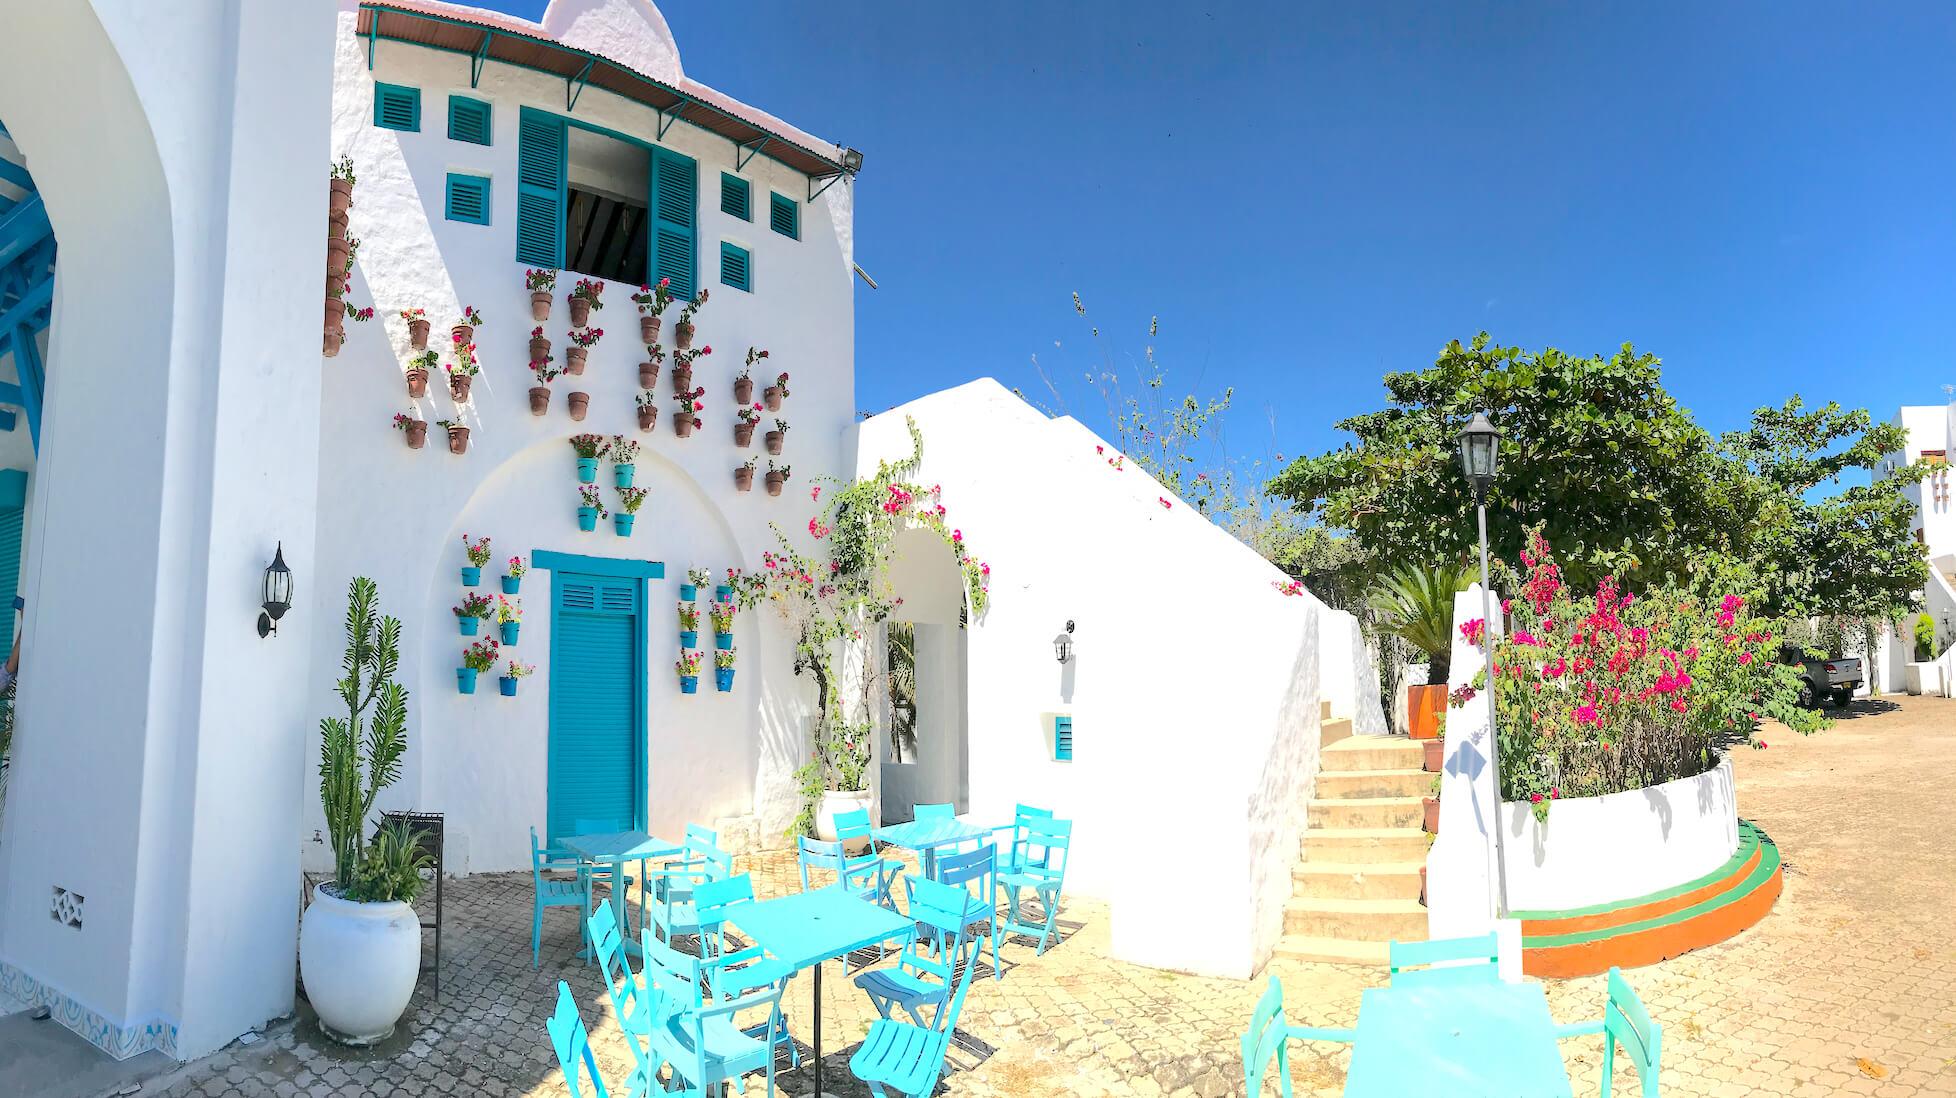 Galería de Imágenes, Fotos de Doradal y Puerto triunfo - Hotel ...